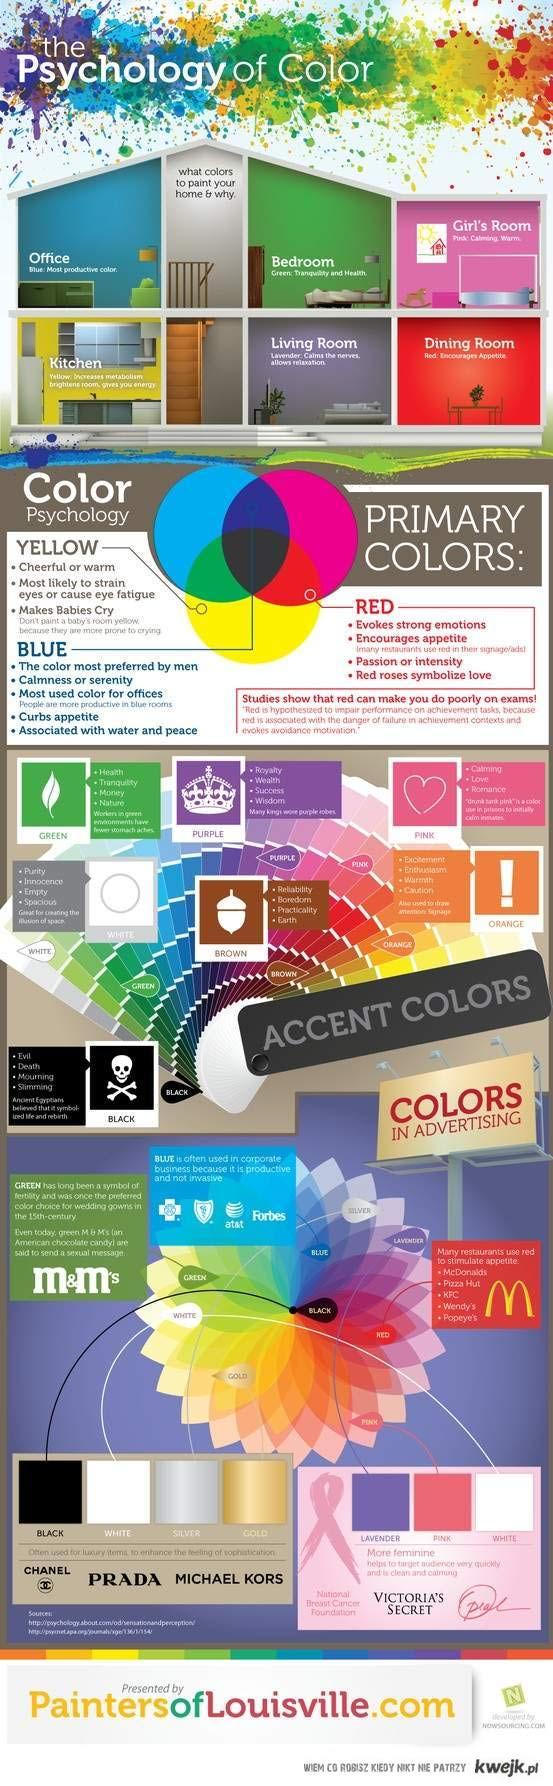 psychologia kolorow